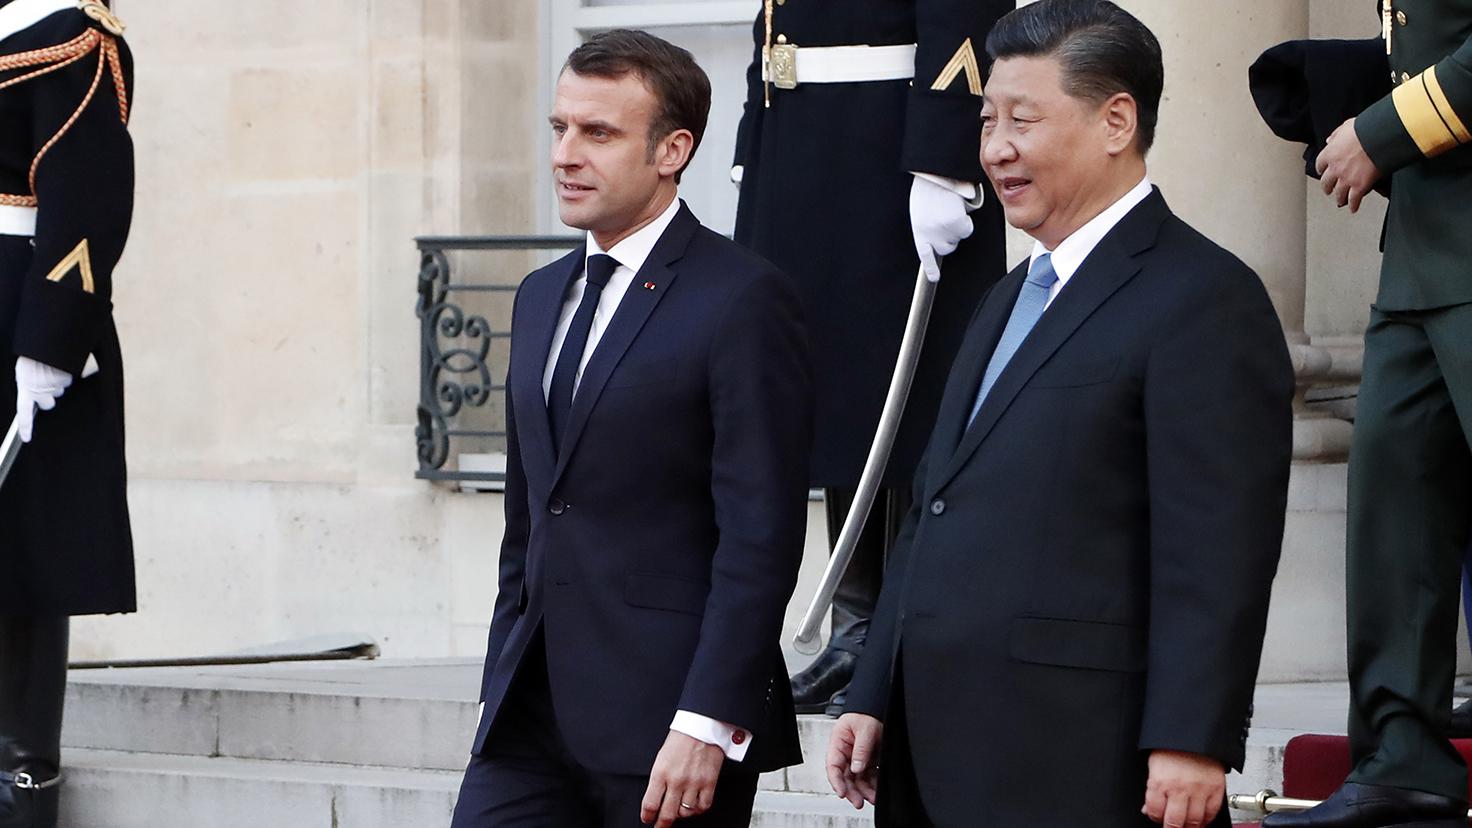 法国总统马克龙(左)接待来访的中国国家主席习近平。(美联社)